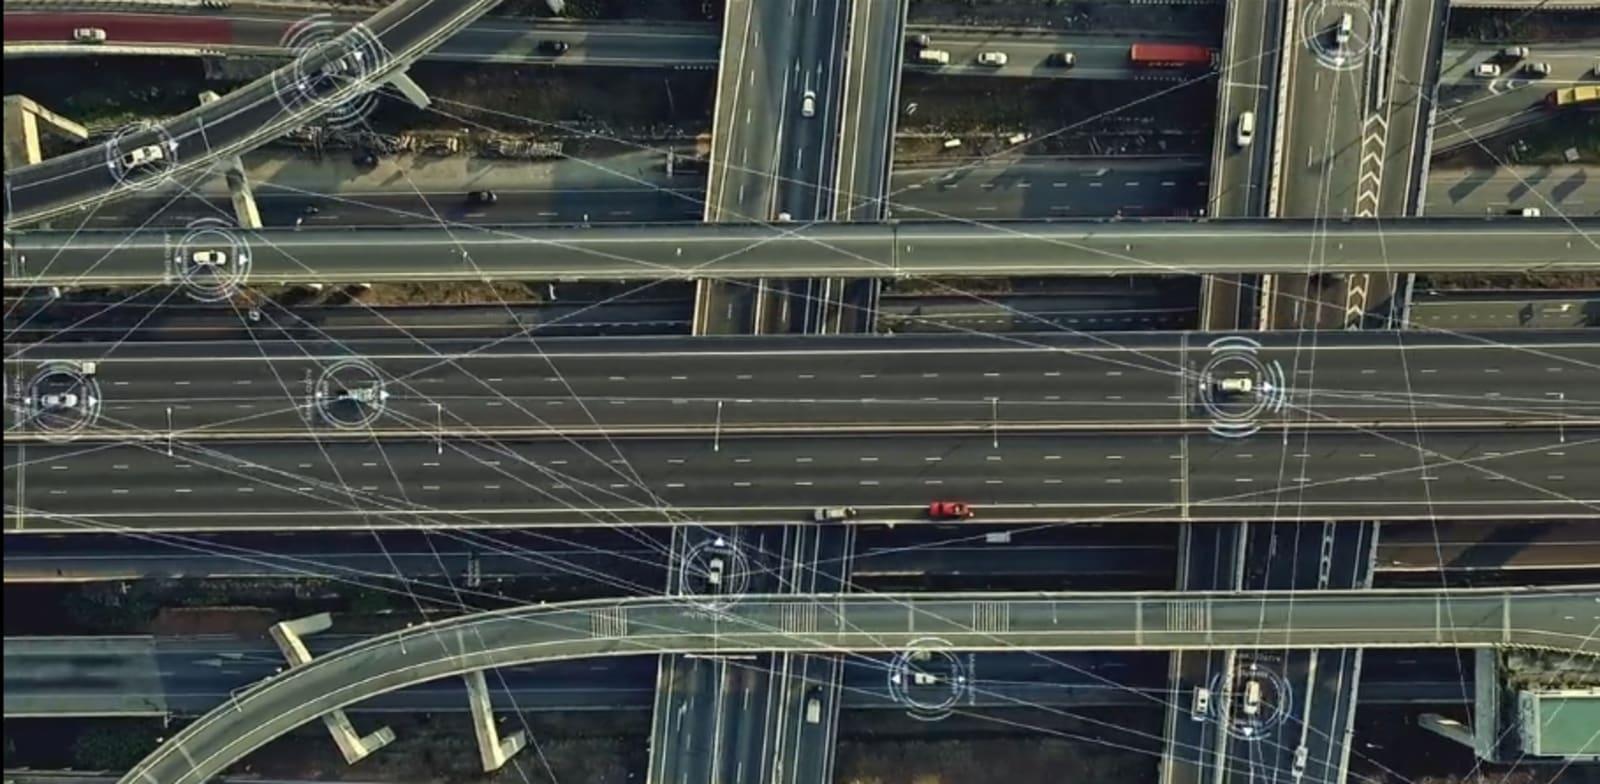 המוצר של אוטונומו אוסף דאטה מכלי רכב / צילום מסך: מתוך סרט באתר החברה